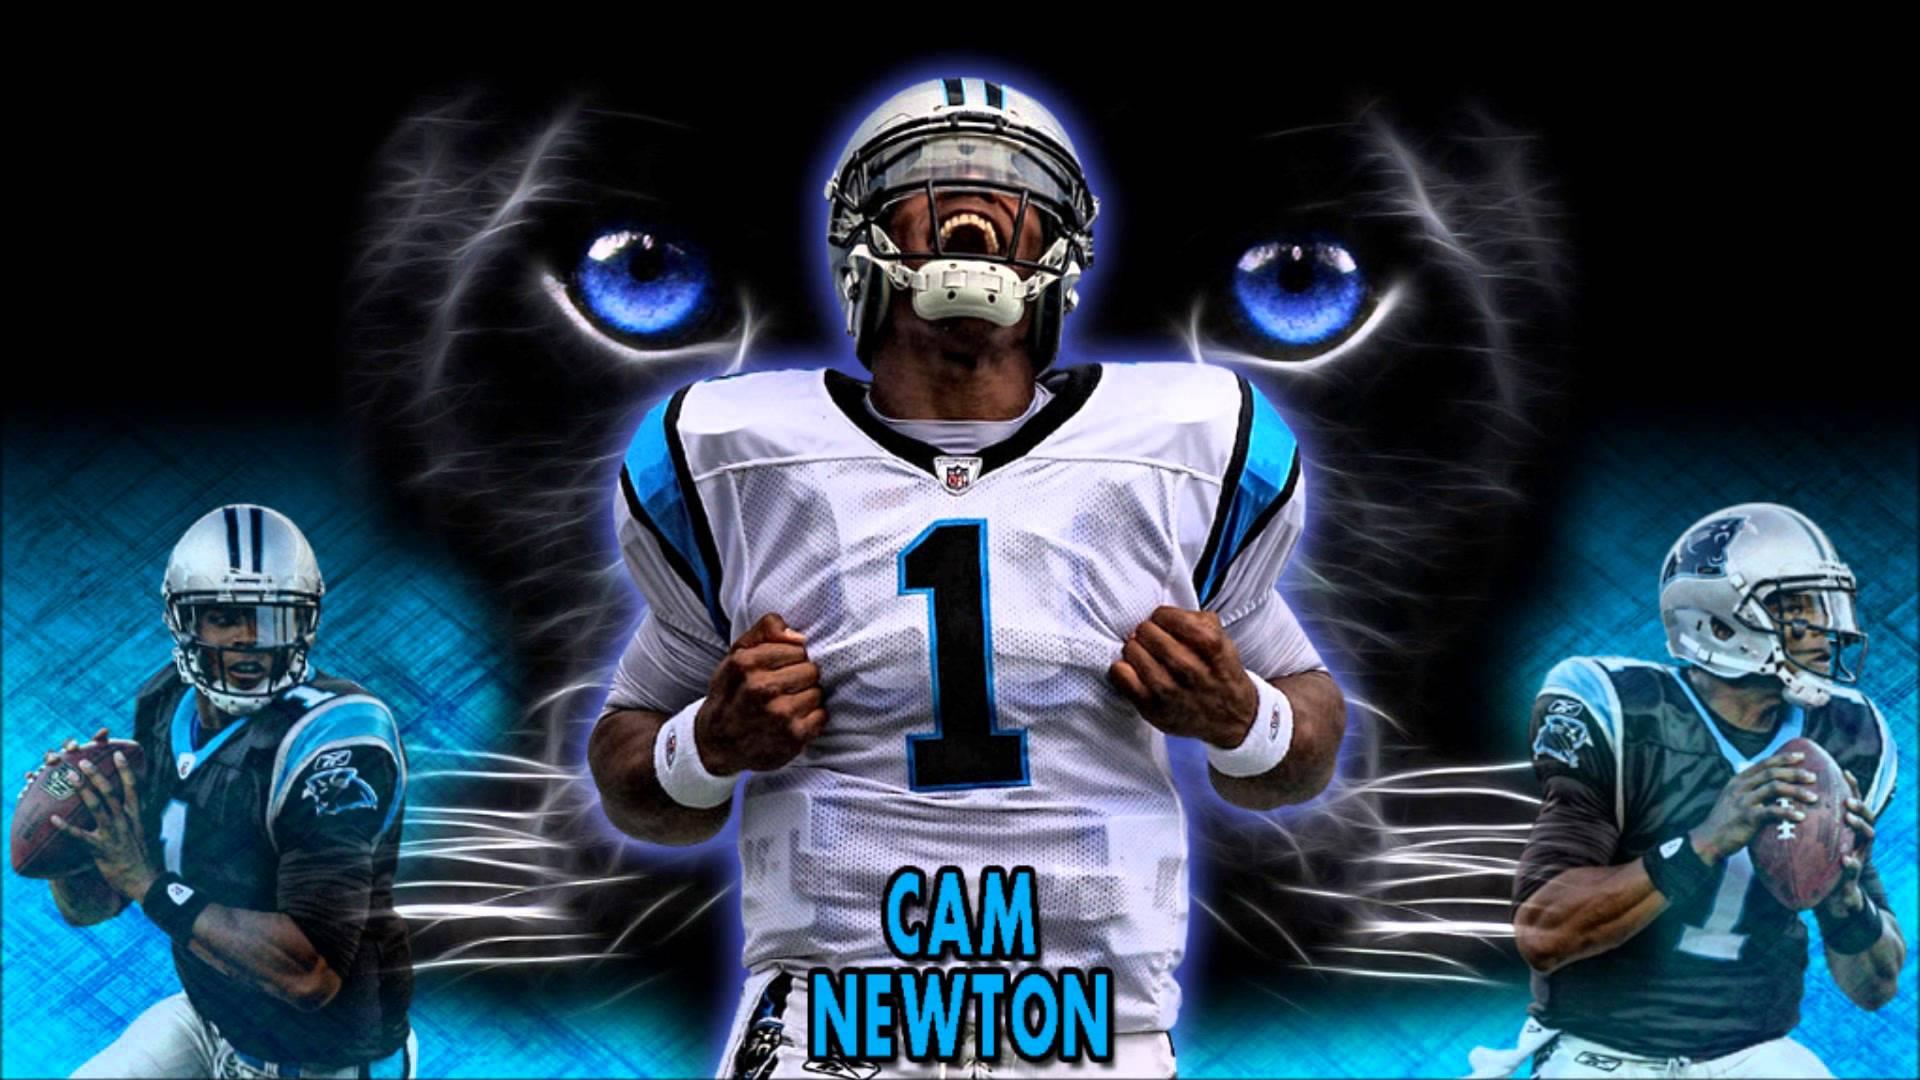 FREE NFL Cam Newton Wallpaper 1920x1080